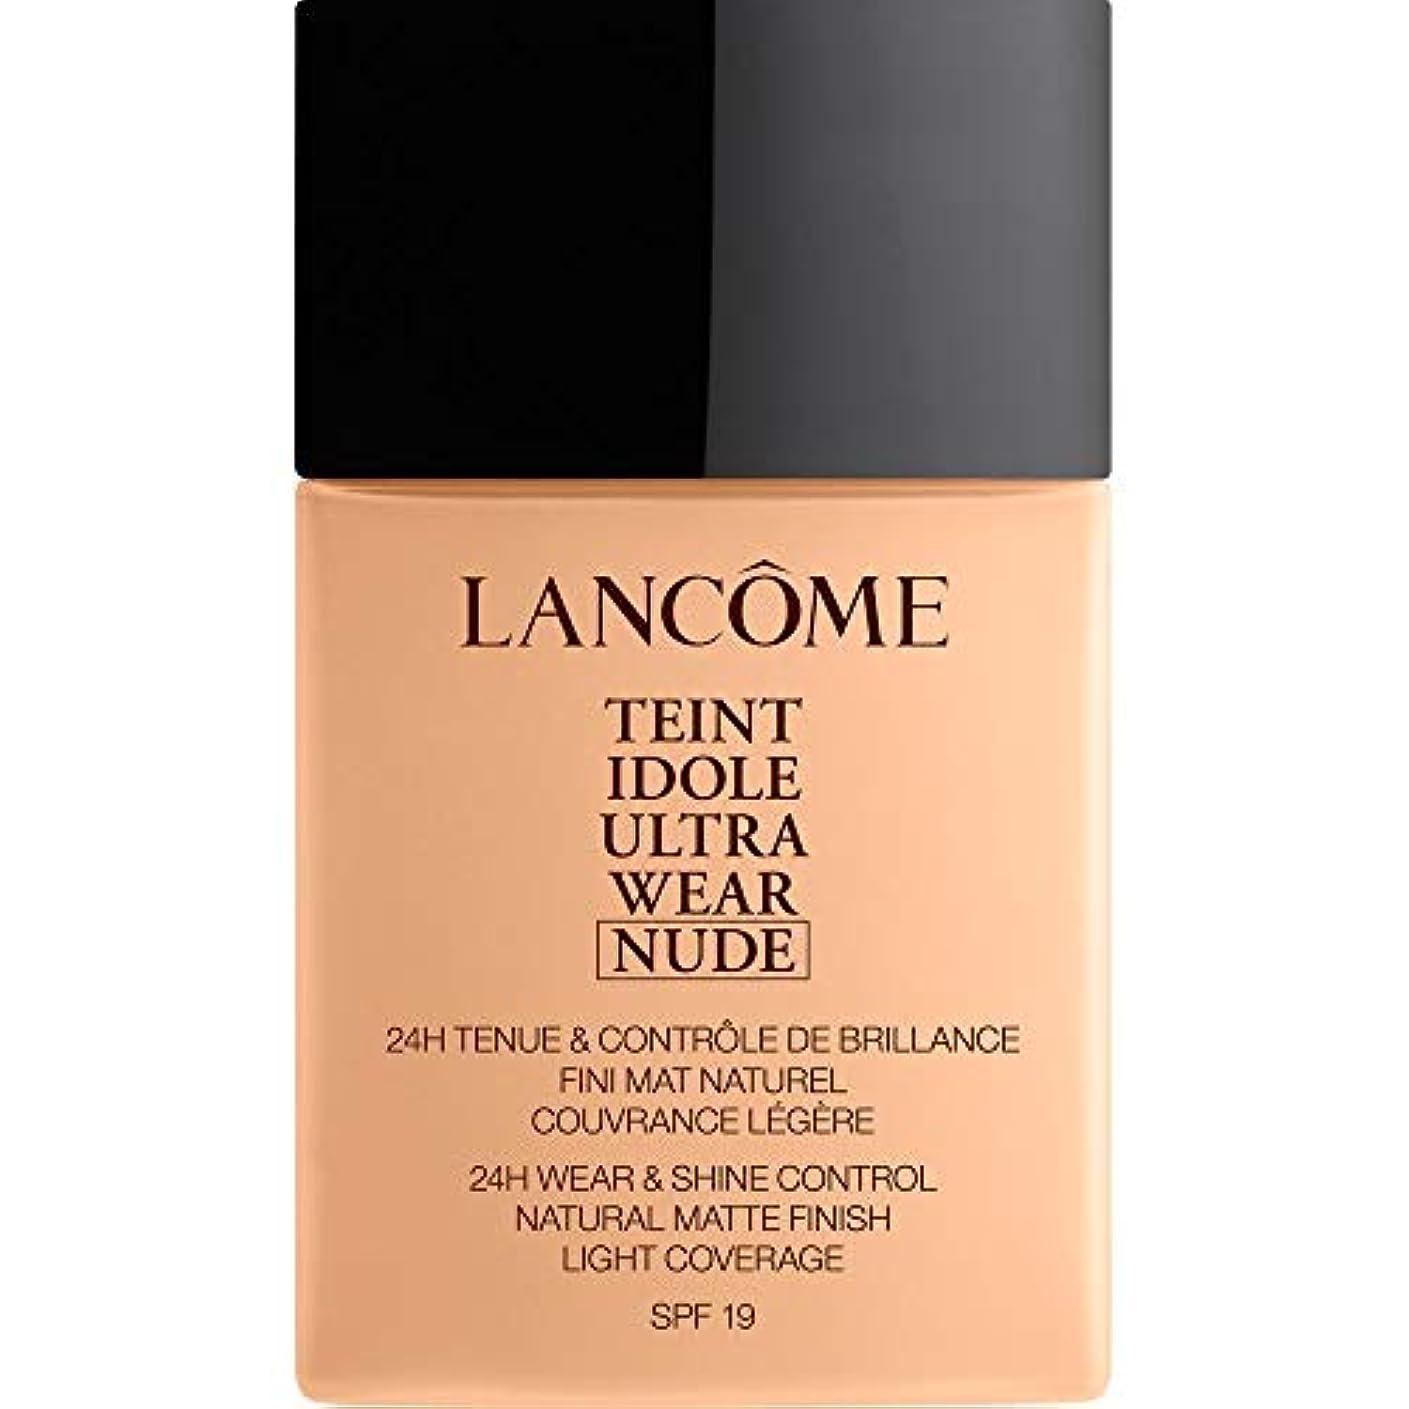 スクラップあからさま中世の[Lanc?me ] ランコムTeintのIdole超摩耗ヌード財団Spf19の40ミリリットル025 - ベージュLin - Lancome Teint Idole Ultra Wear Nude Foundation...